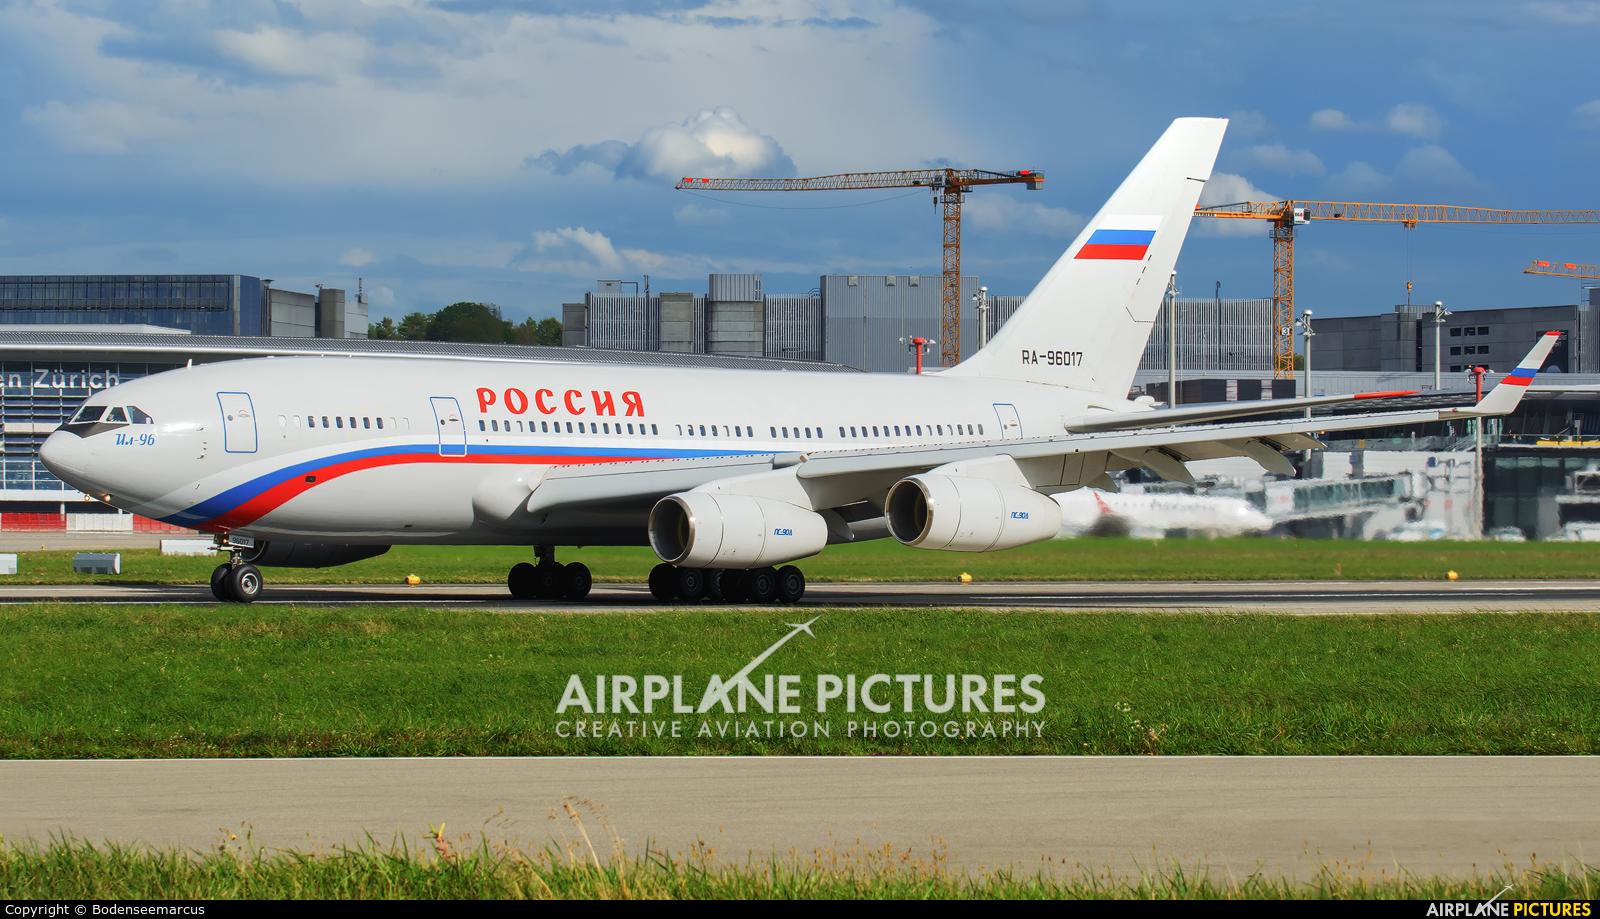 Rossiya RA-96017 aircraft at Zurich